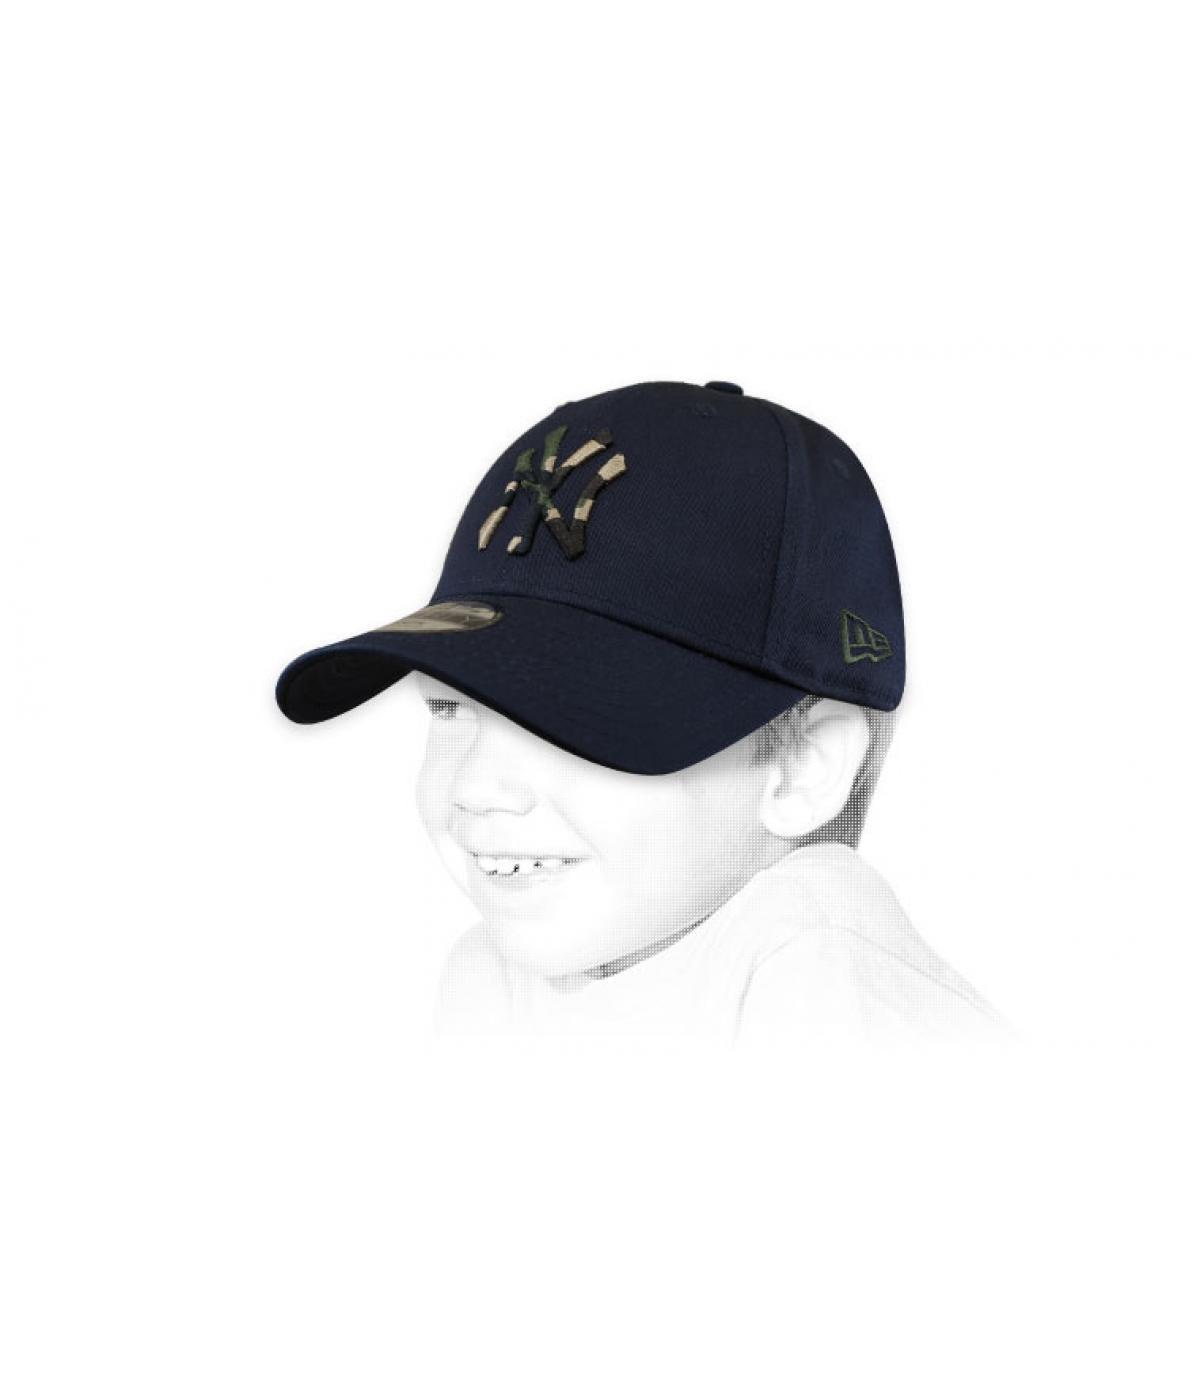 Kinder Cap NY blau camo